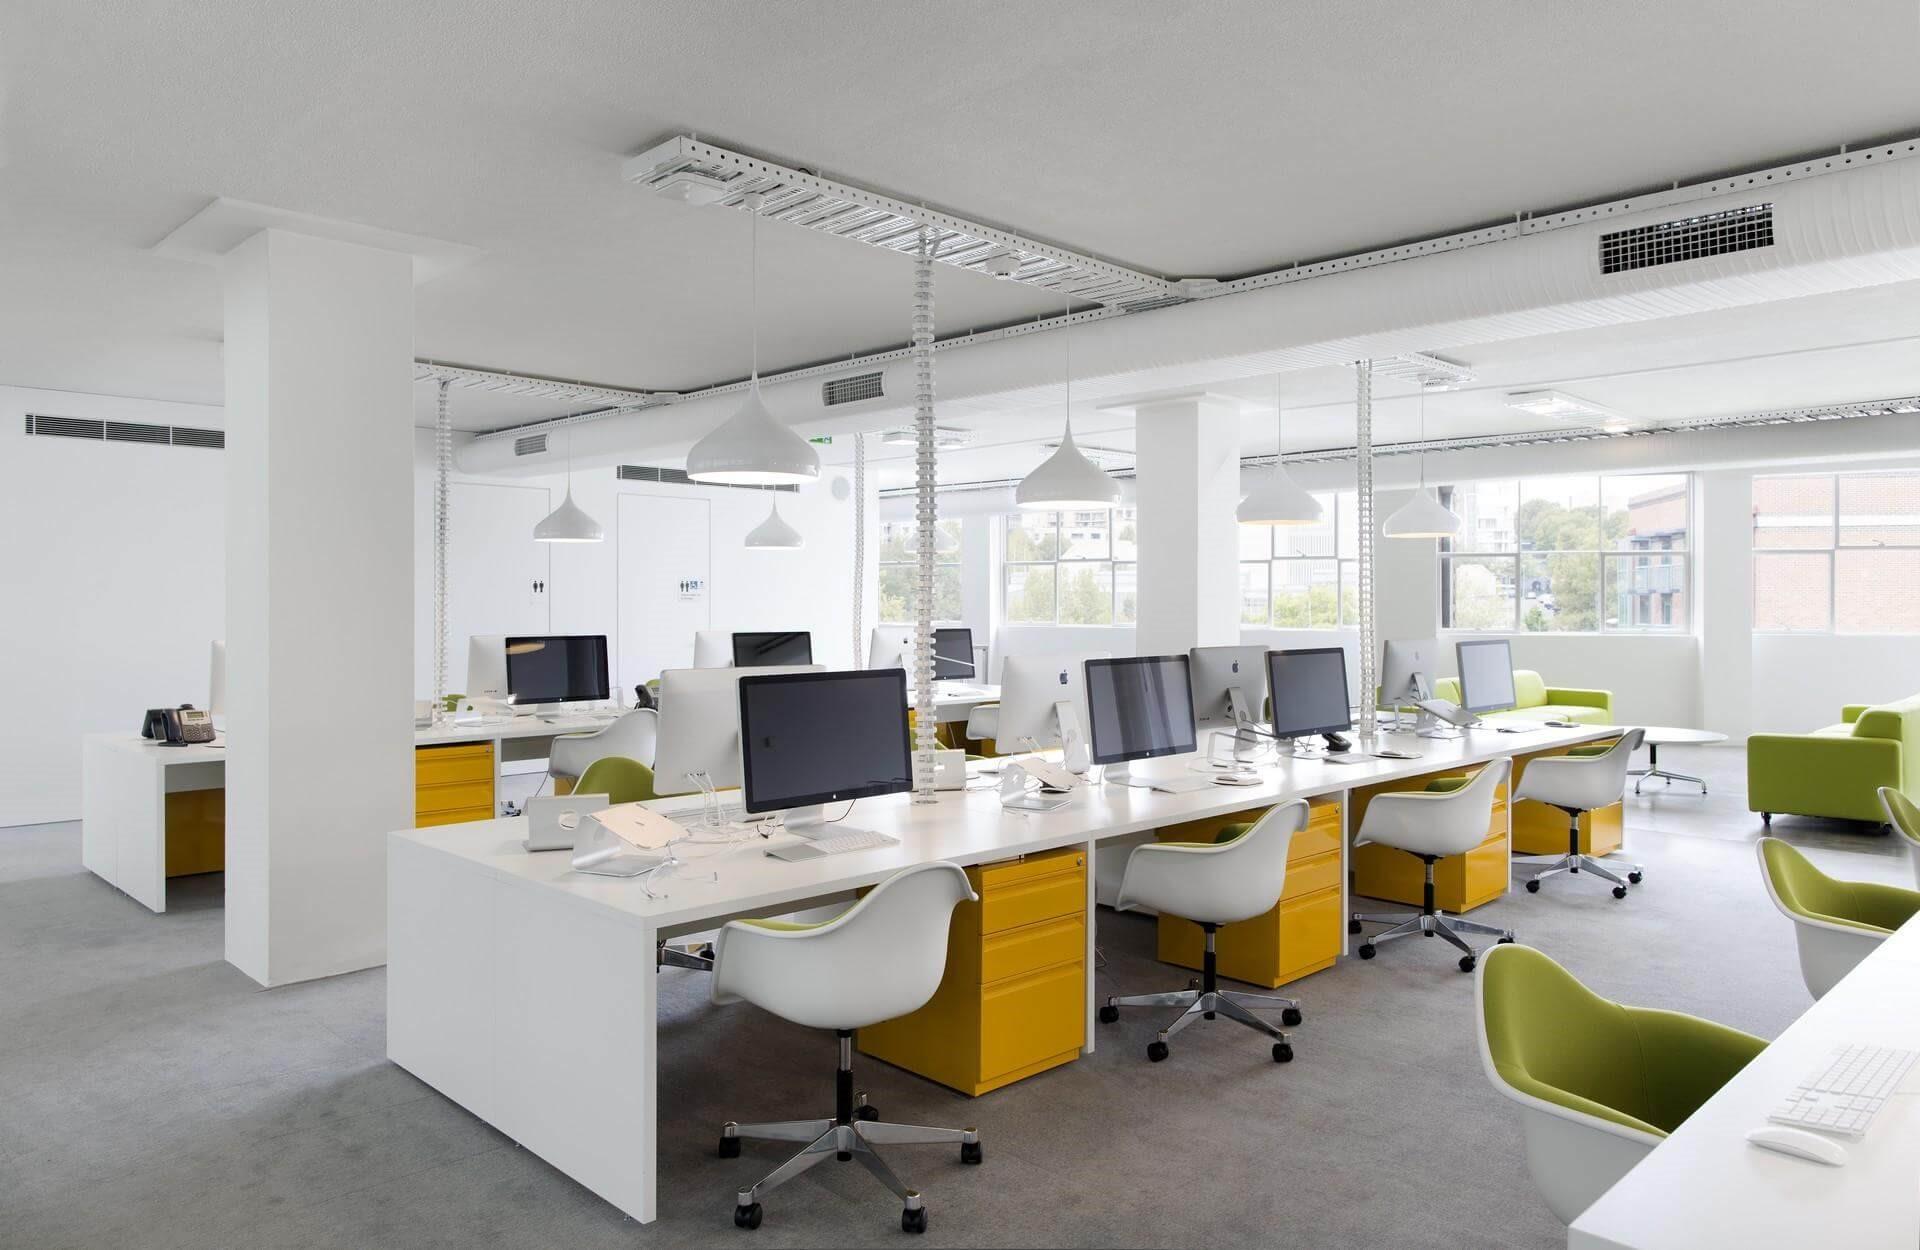 Xu hướng tạo các không gian nội thất văn phòng đa năng mang đến một sự tiện dụng rất đáng để các công ty đầu tư thiết kế